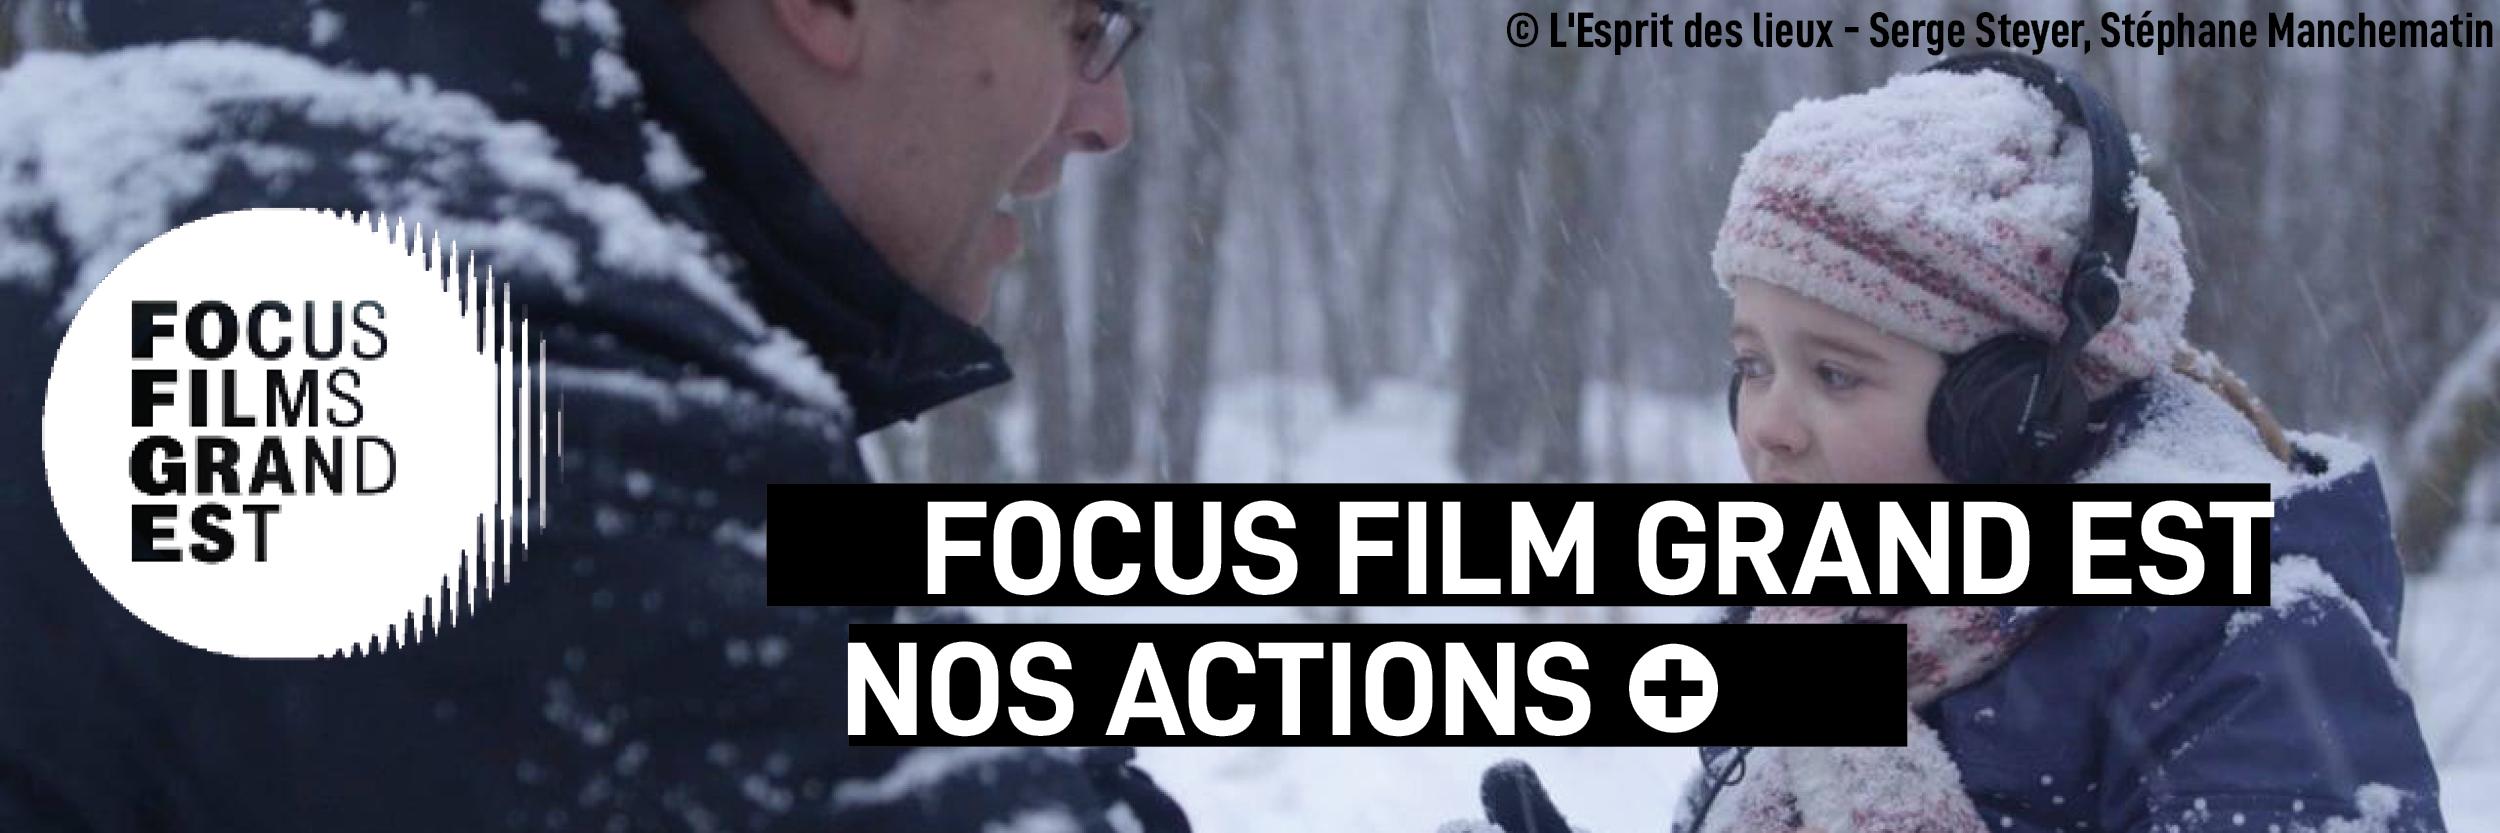 1 focus film ge